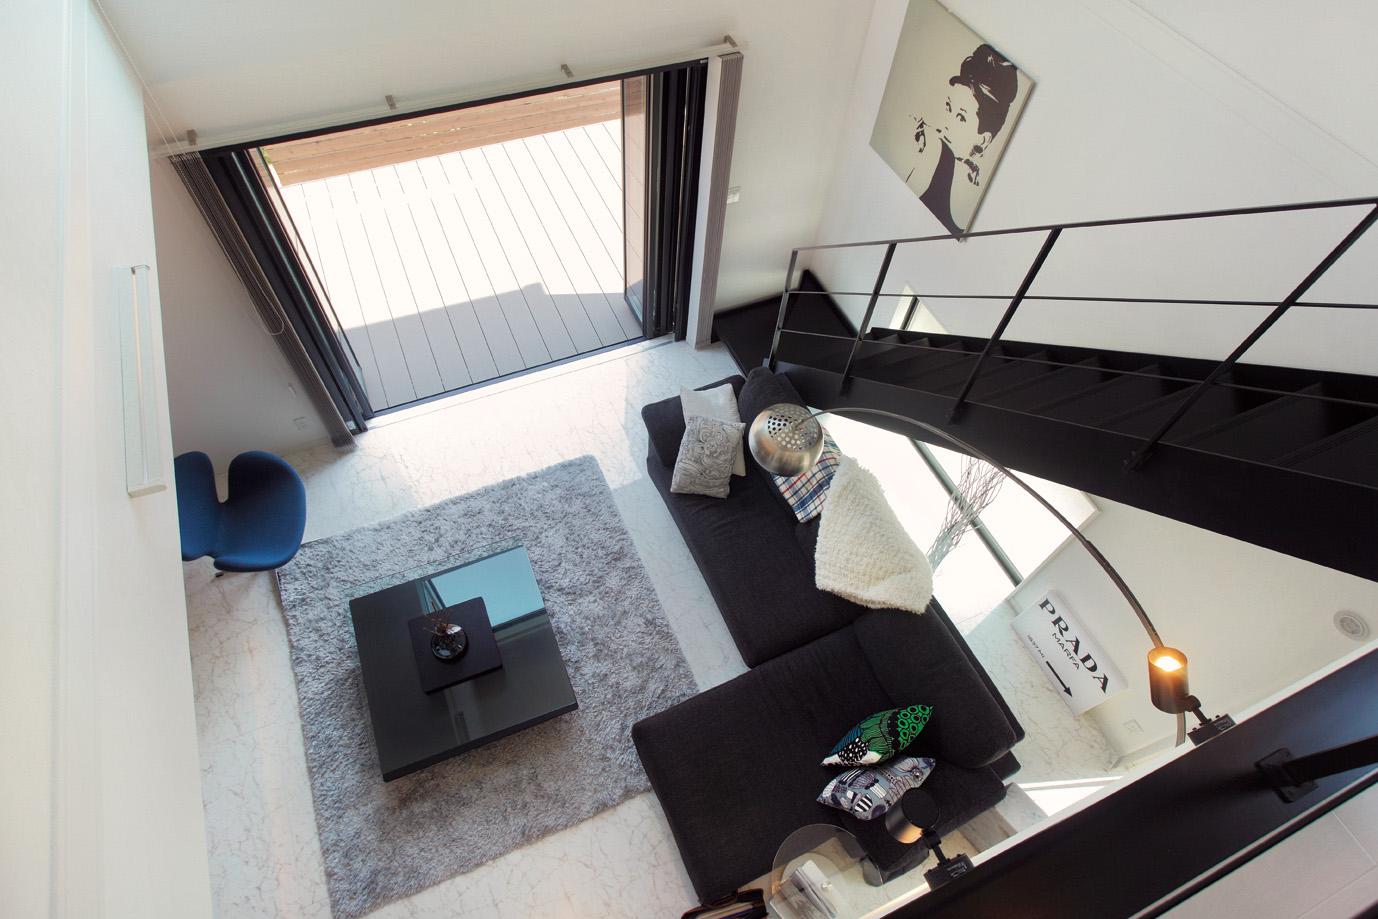 リビングは、2階へと続くスチール階段部分を吹き抜けに。洗練された雰囲気をつくり上げています。また、圧迫感が出ないようにいたるところに窓を設け、光を取り入れやすい工夫を凝らした設計にしています。